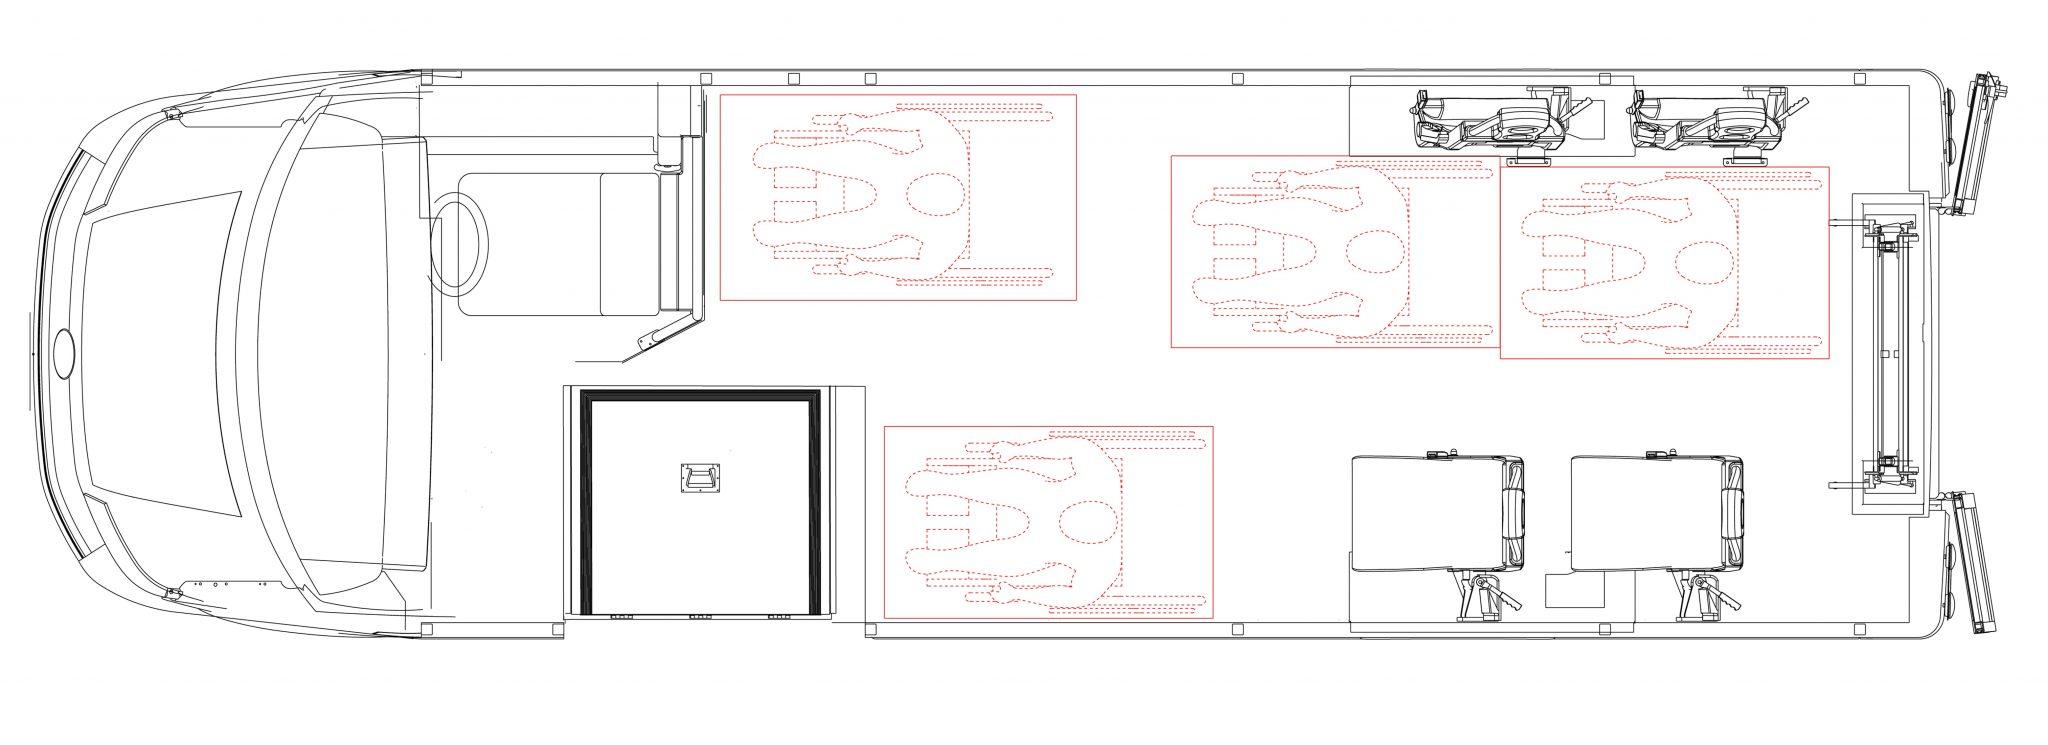 Tucana 4 wc + 2s layout